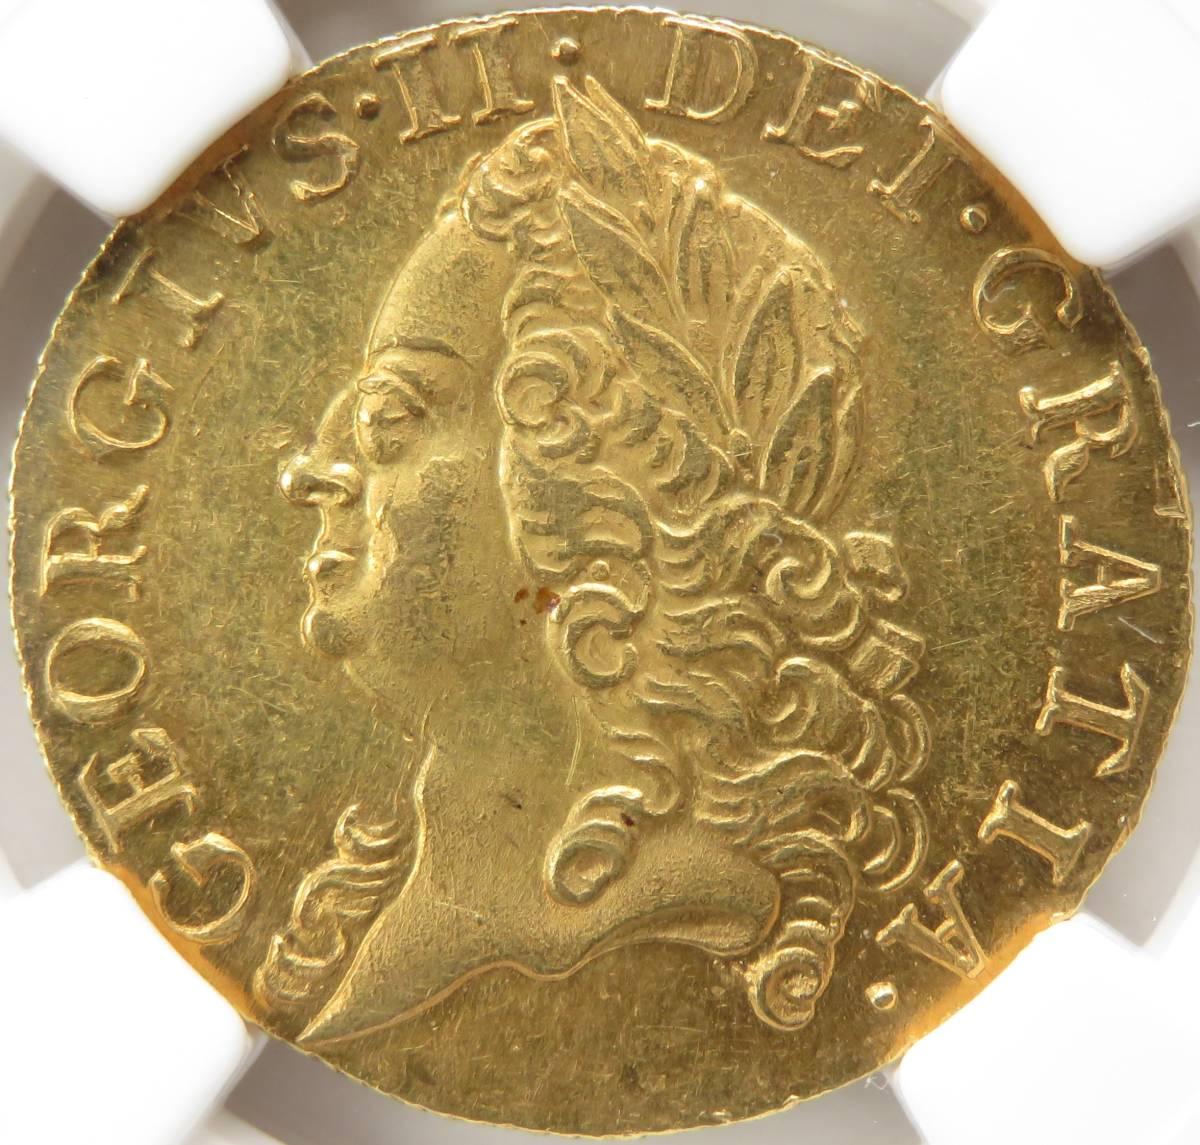 1759年 MS63 ギニー 金貨 ジョージ2世 イギリス NGC TOP POP 最高鑑定 UNC 未使用 S-3680 GUINEA オールド ハノーヴァー 紋章盾図 英国_はっきり明瞭な「ジョージ2世」像です!